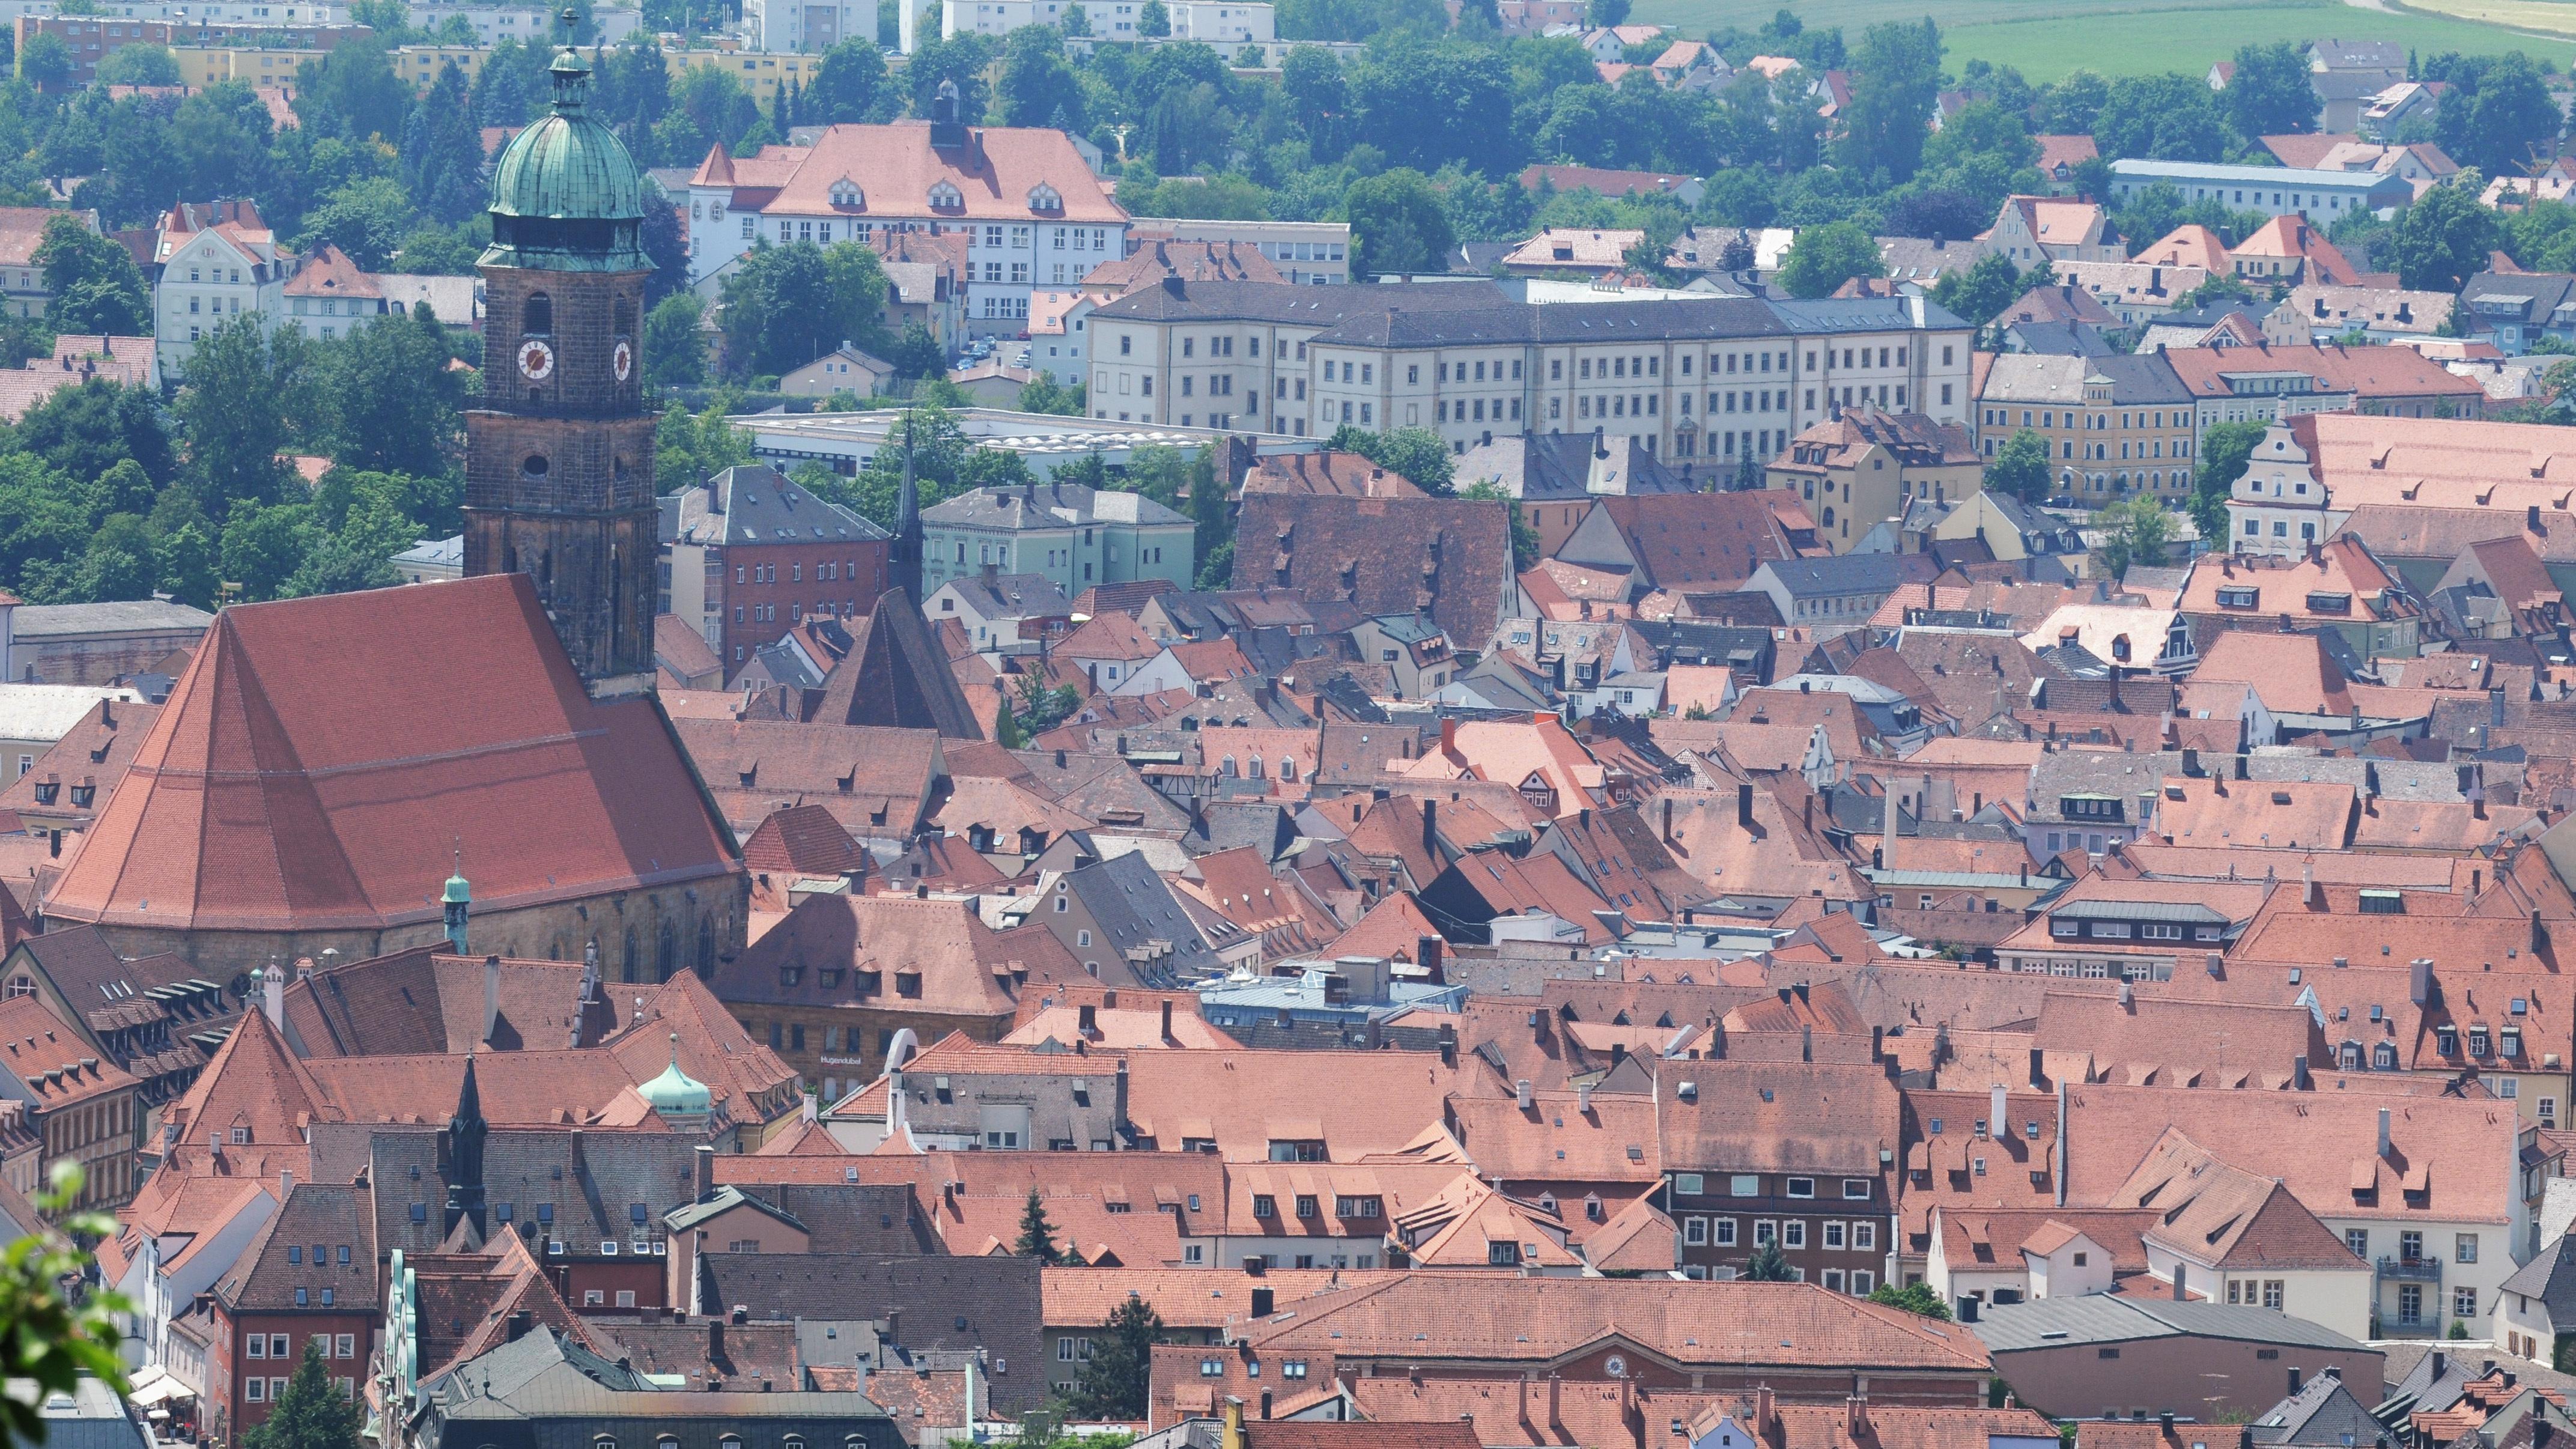 Stadtansicht von Amberg